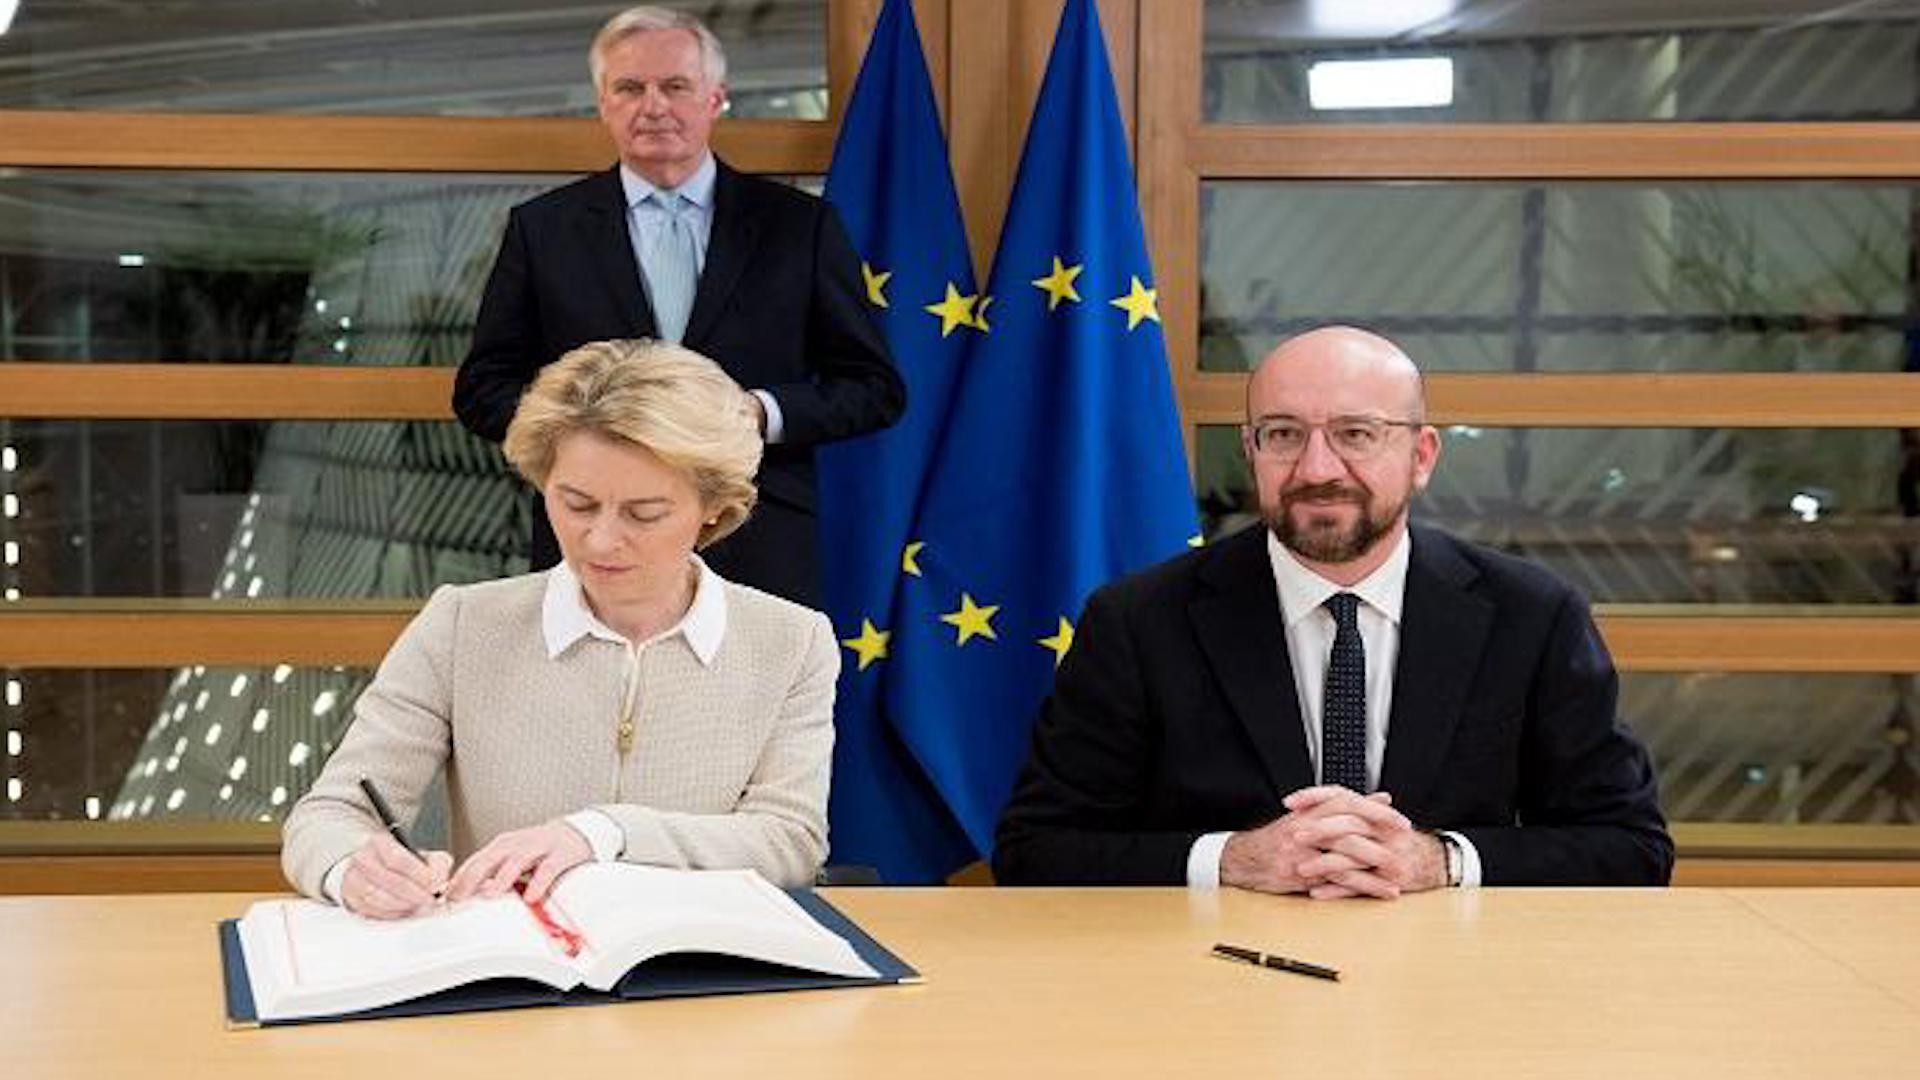 Photo of Lihevkirina Brexit a Brîtanyayê Komisyon û Meclisa Ewropî li ser lihevkirinê îmze kir